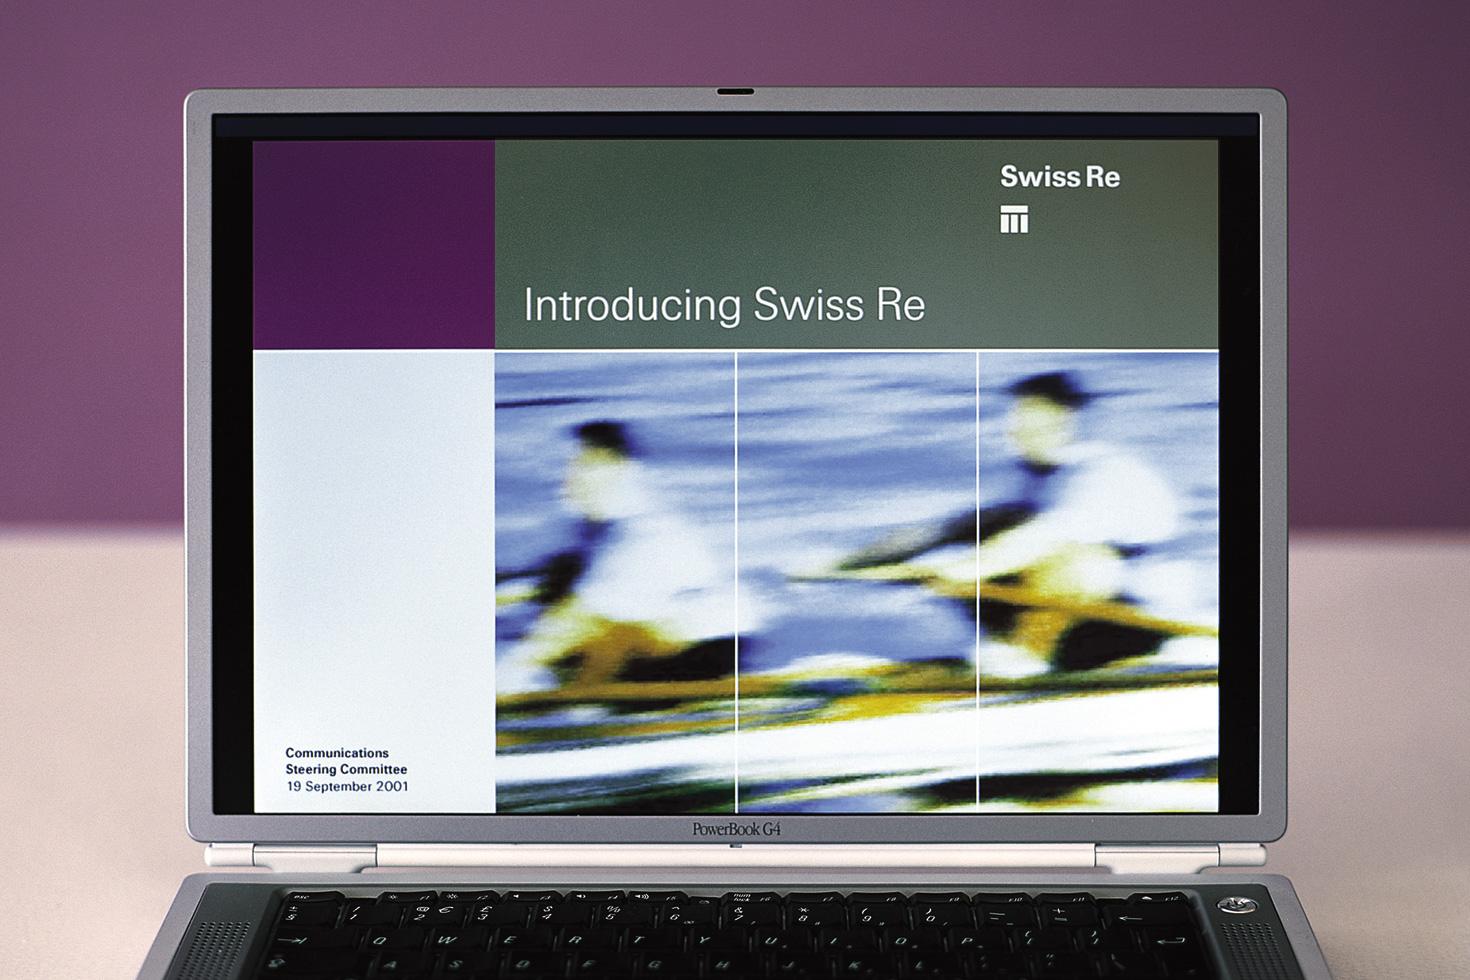 Swiss Re intranet